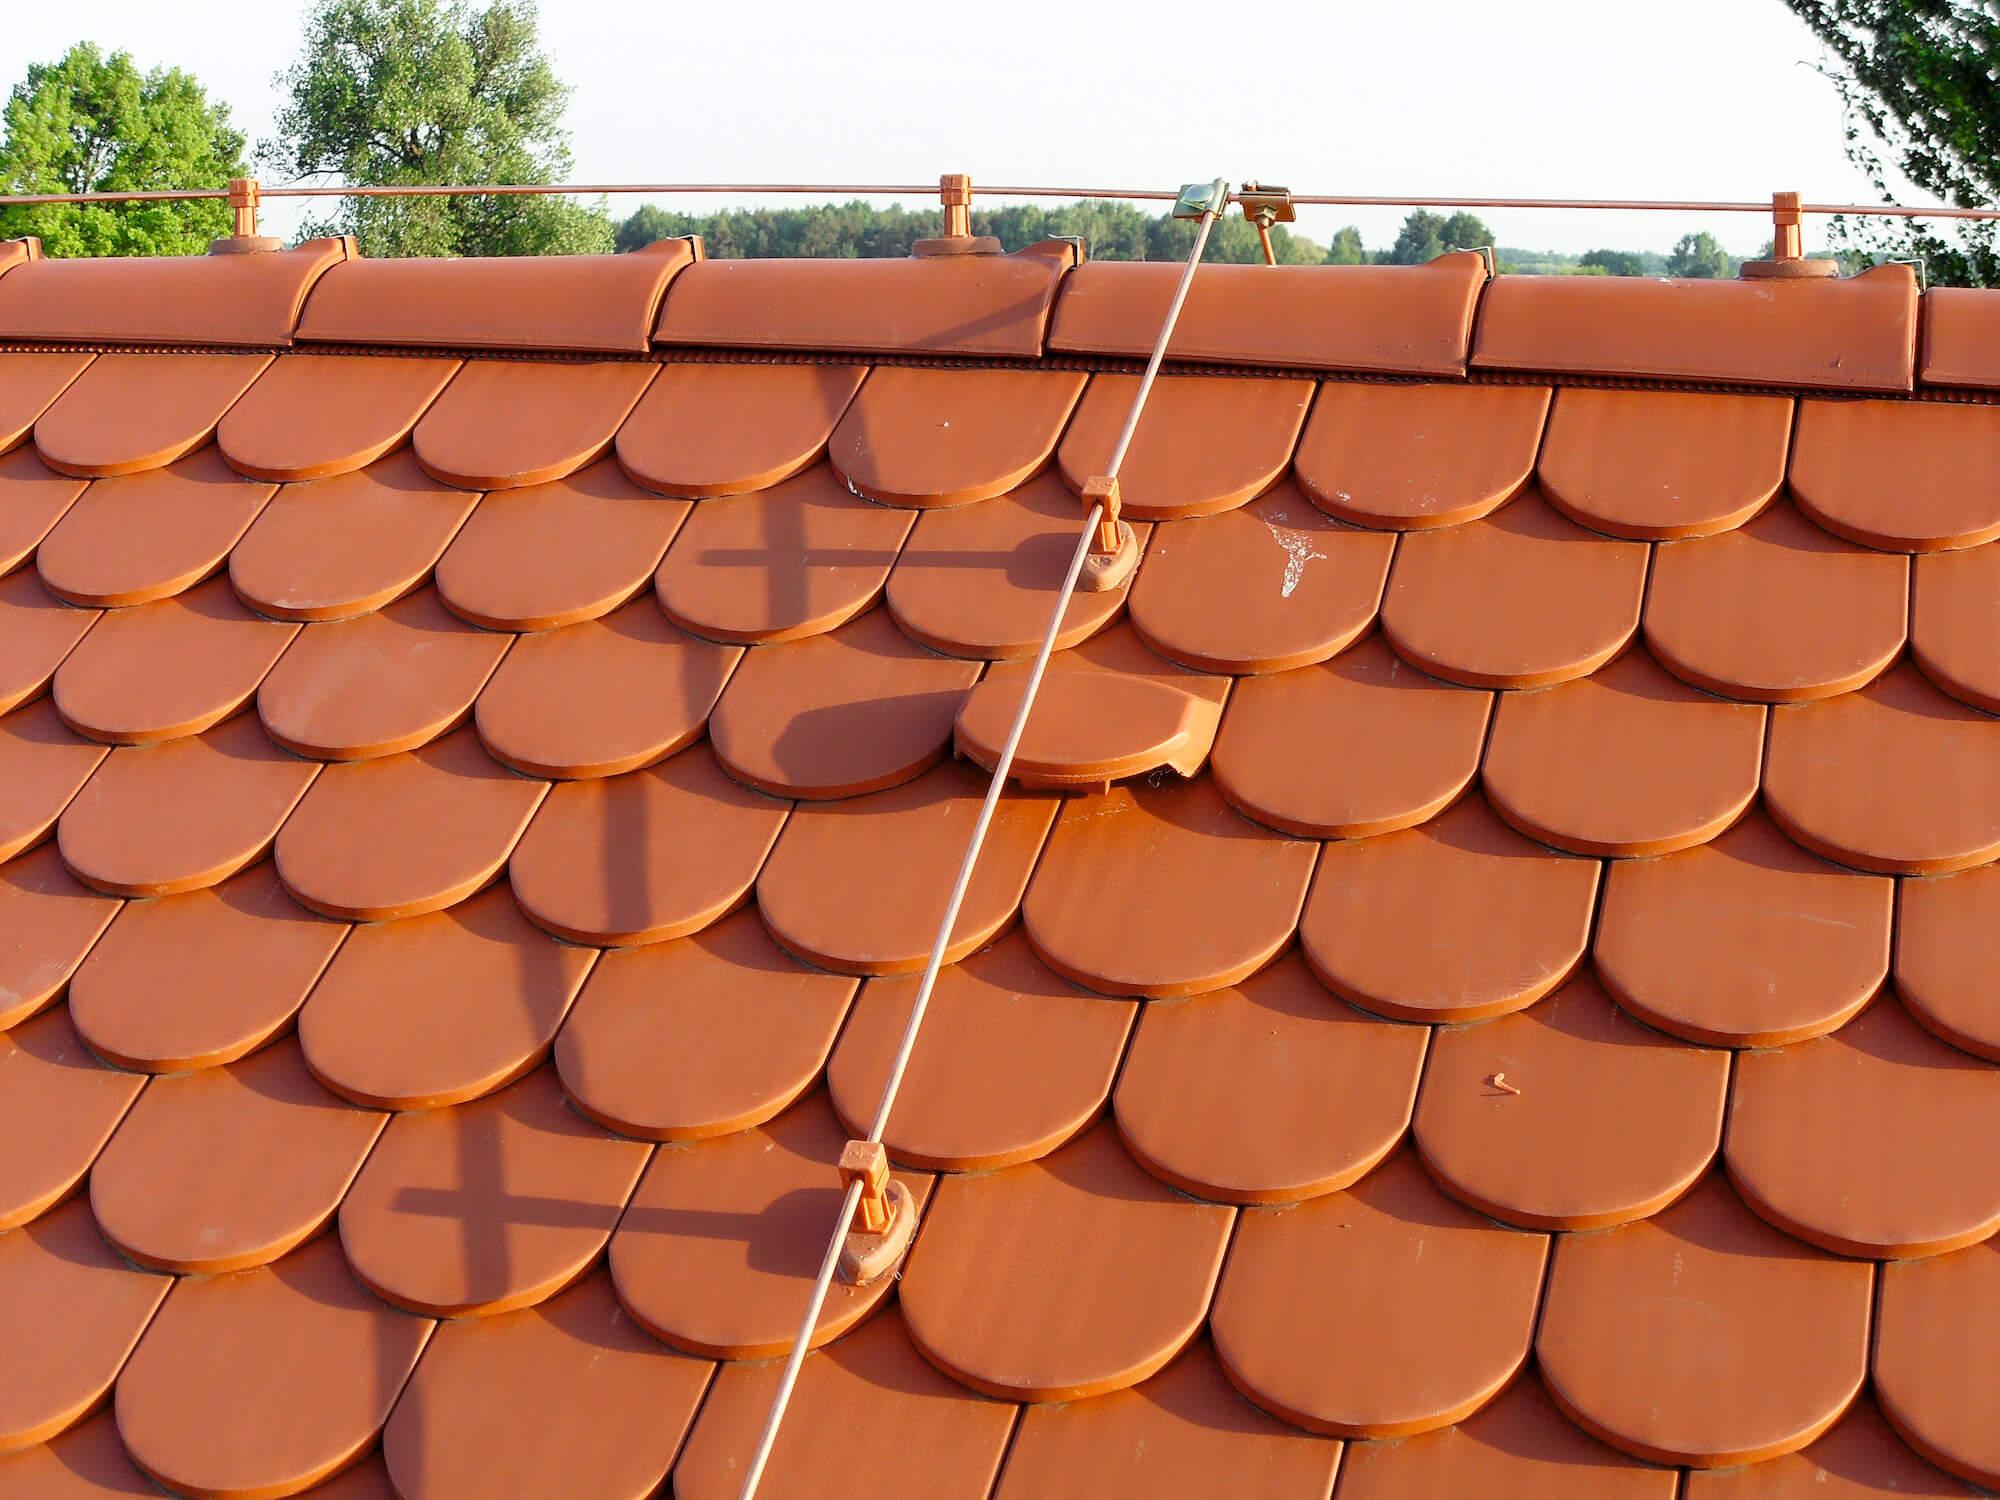 Drut miedziany prowadzony na uchwytach przyklejanych ceramiczno-plastikowych do dachu krytym dachówką ceramiczną.